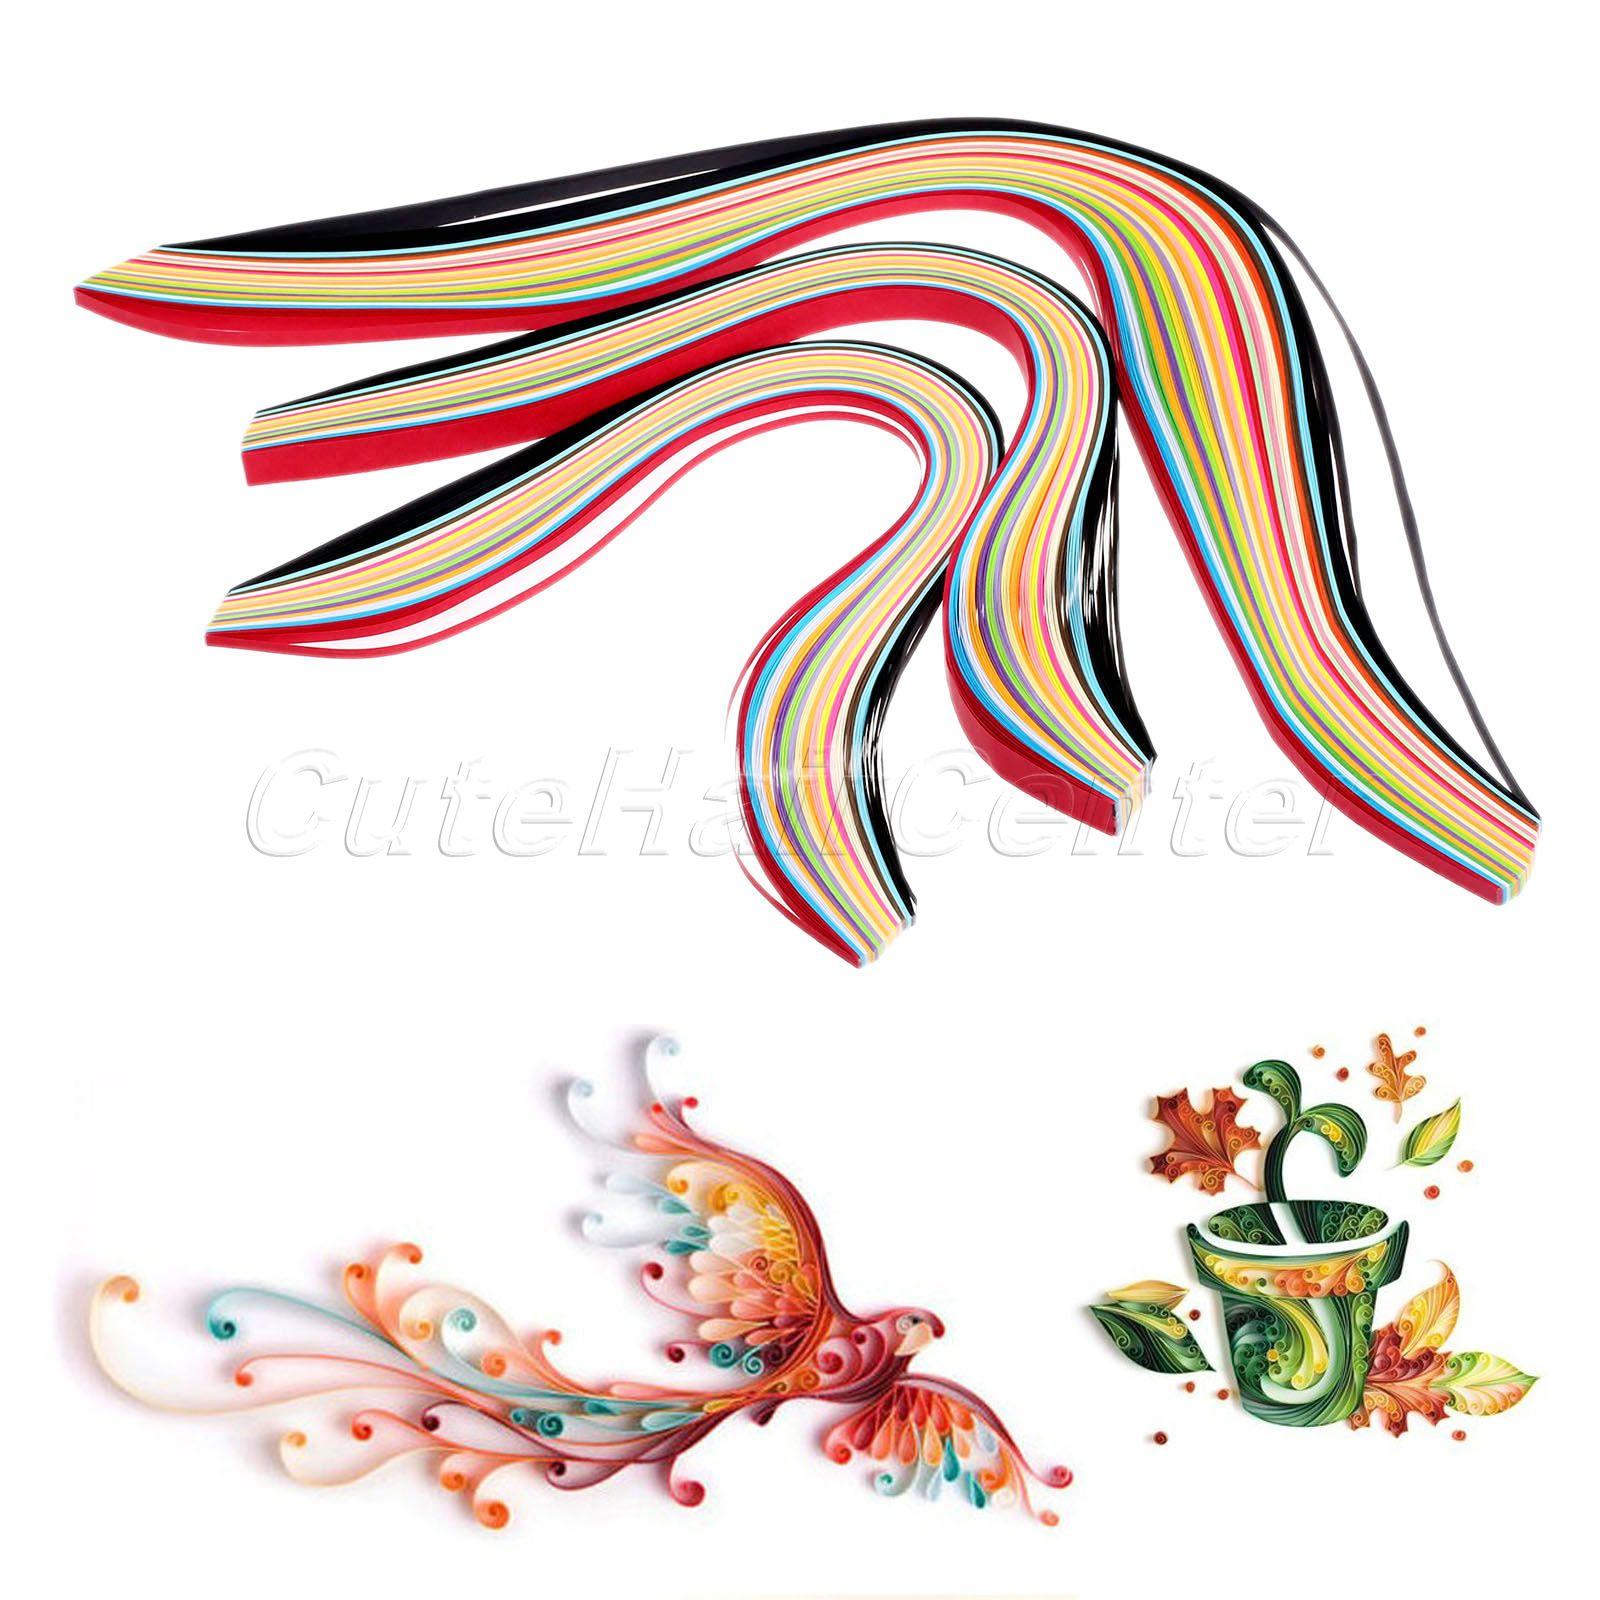 Scrapbook paper canada - New Hot 160pcs Mixed Colors Quilling Paper Origami Papercraft Diy Craft Scrapbooking Paper Crafts Assorted Color